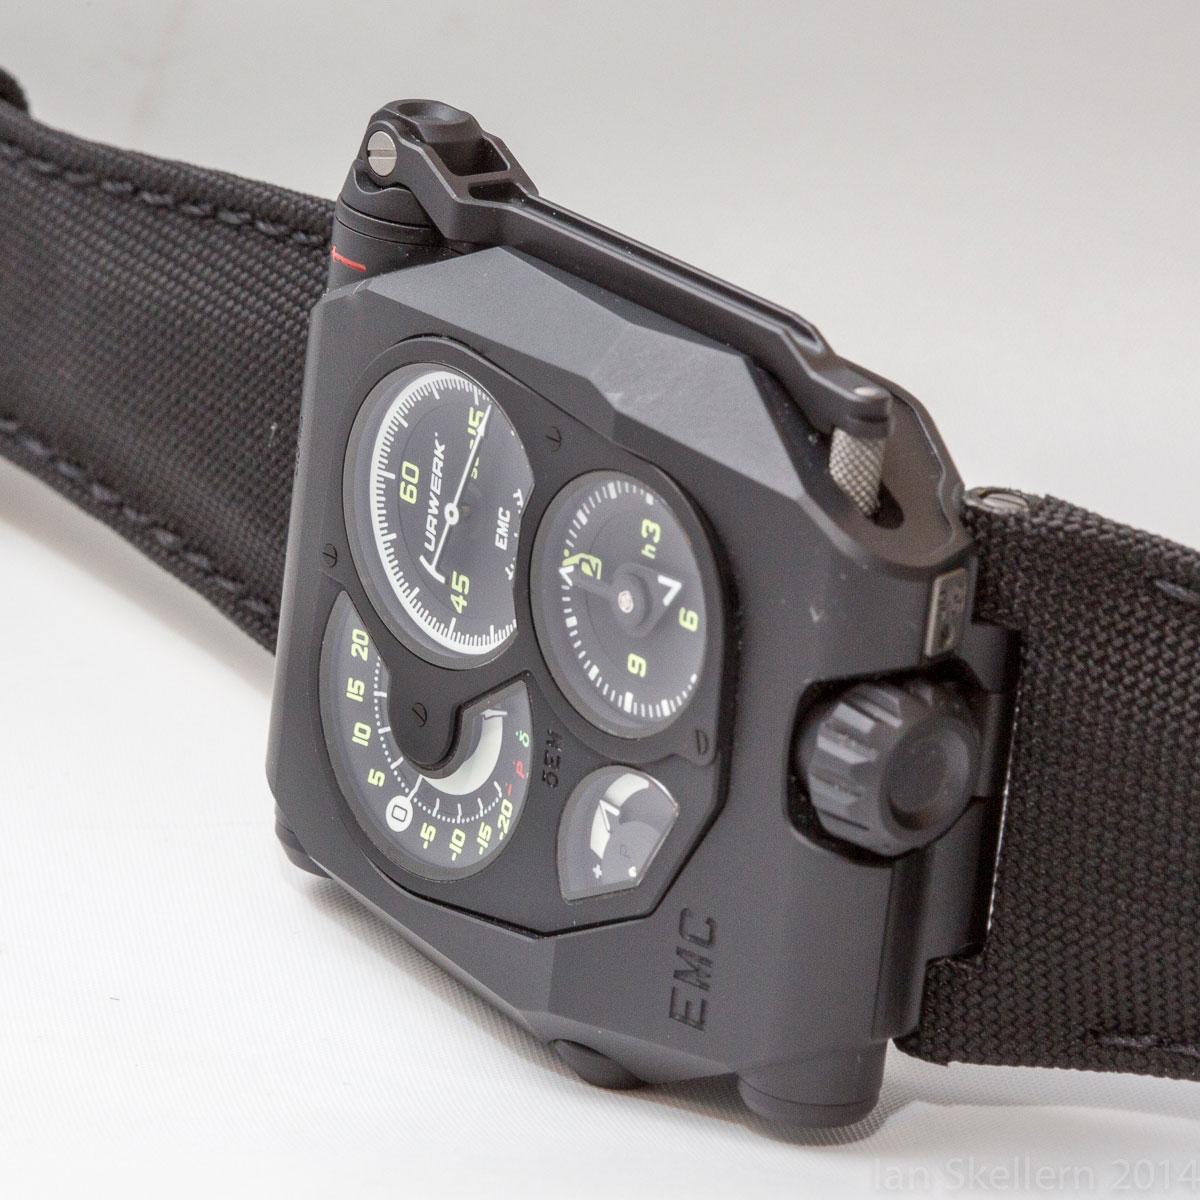 Introducing the URWERK EMC Black